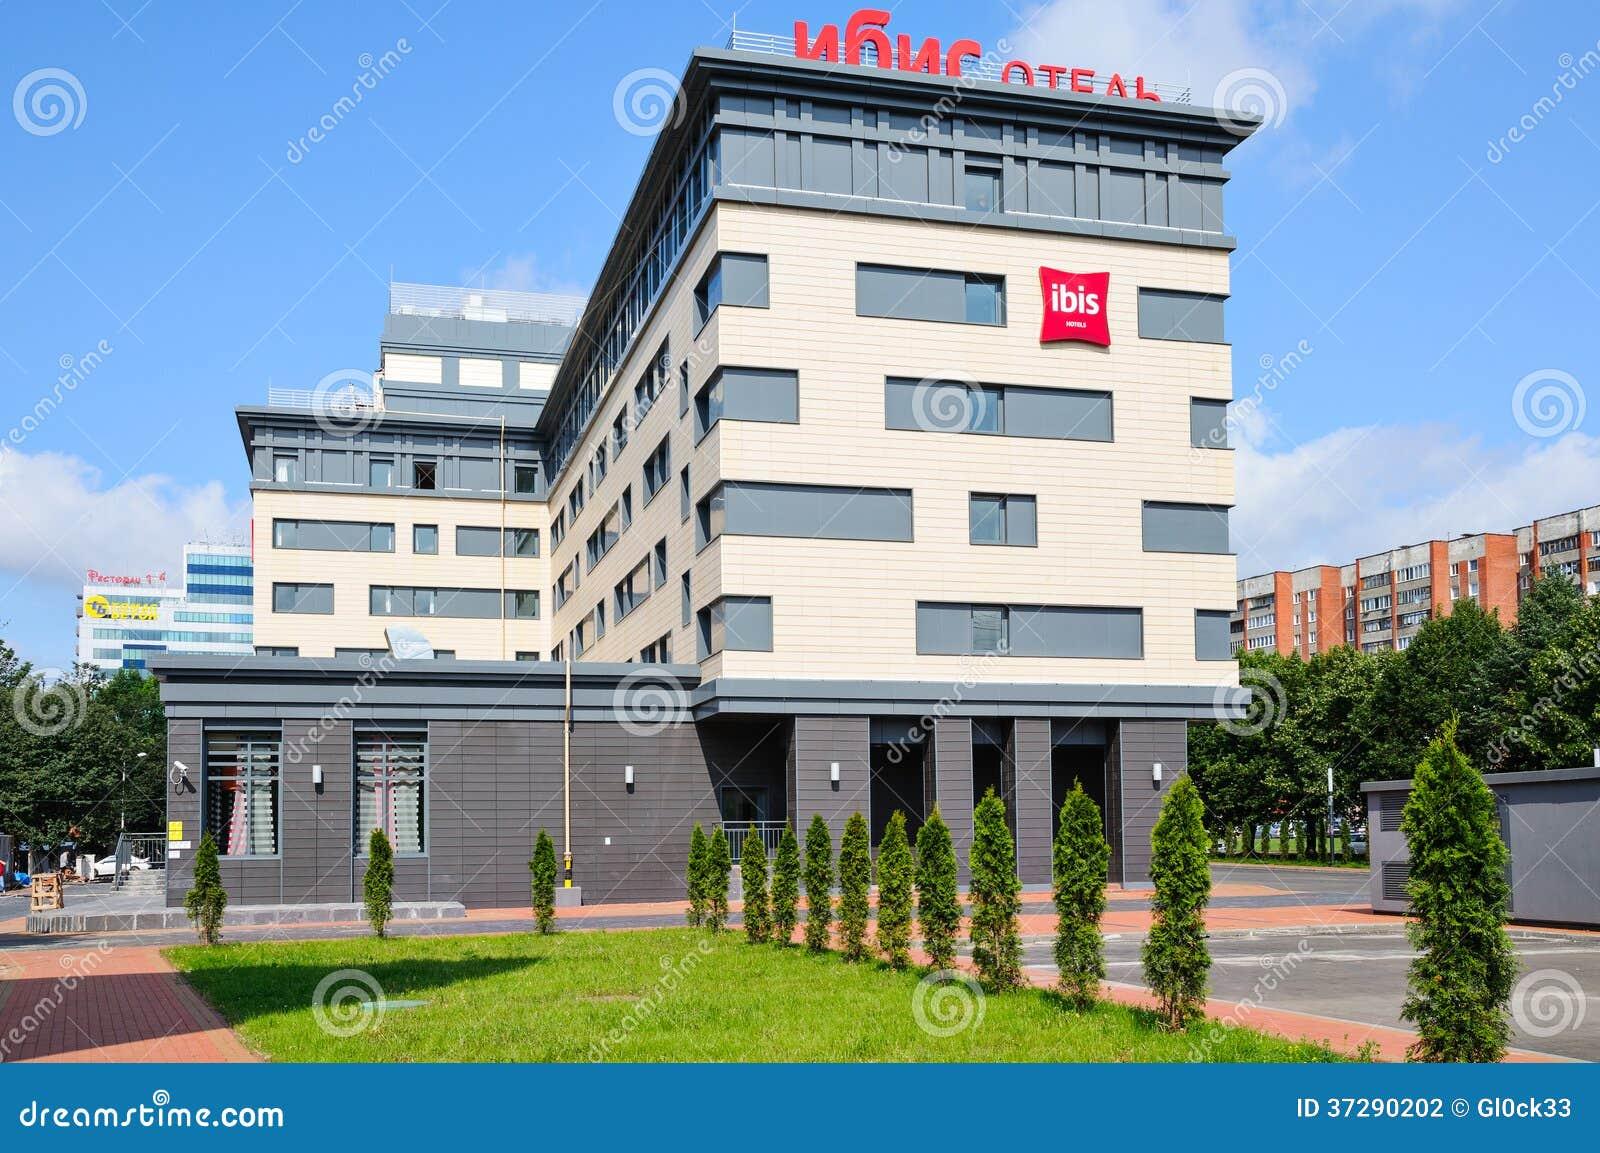 Kaliningrad Hotel Ibis